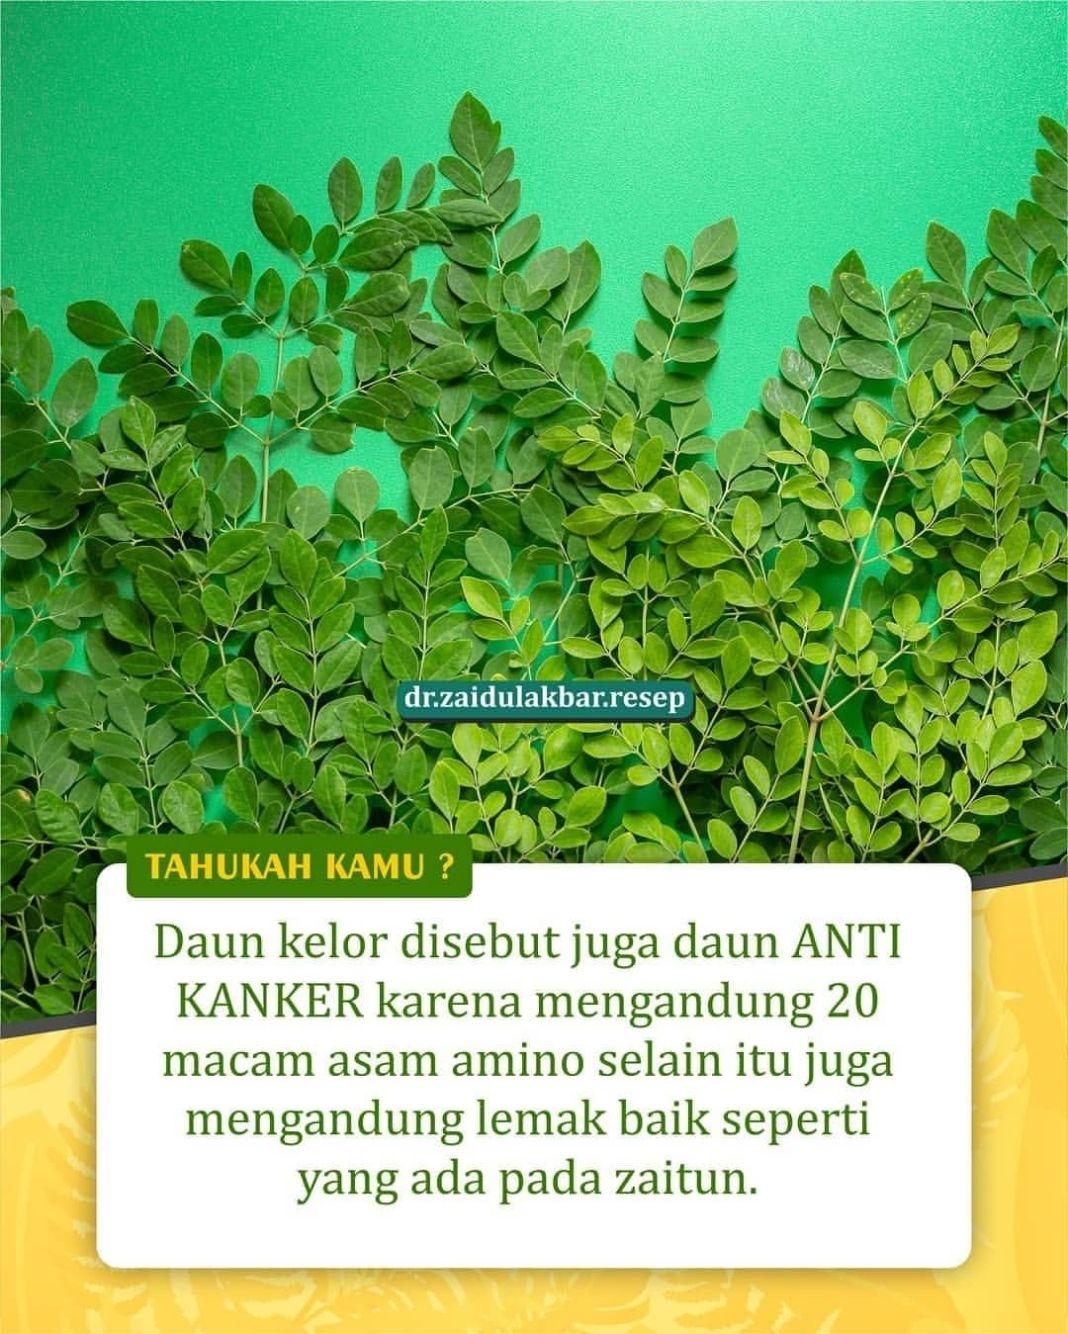 Info sehat, Manfaat daun kelor untuk kanker Penelitian mengenai manfaat daun kelor untuk kanker sudah cuku…